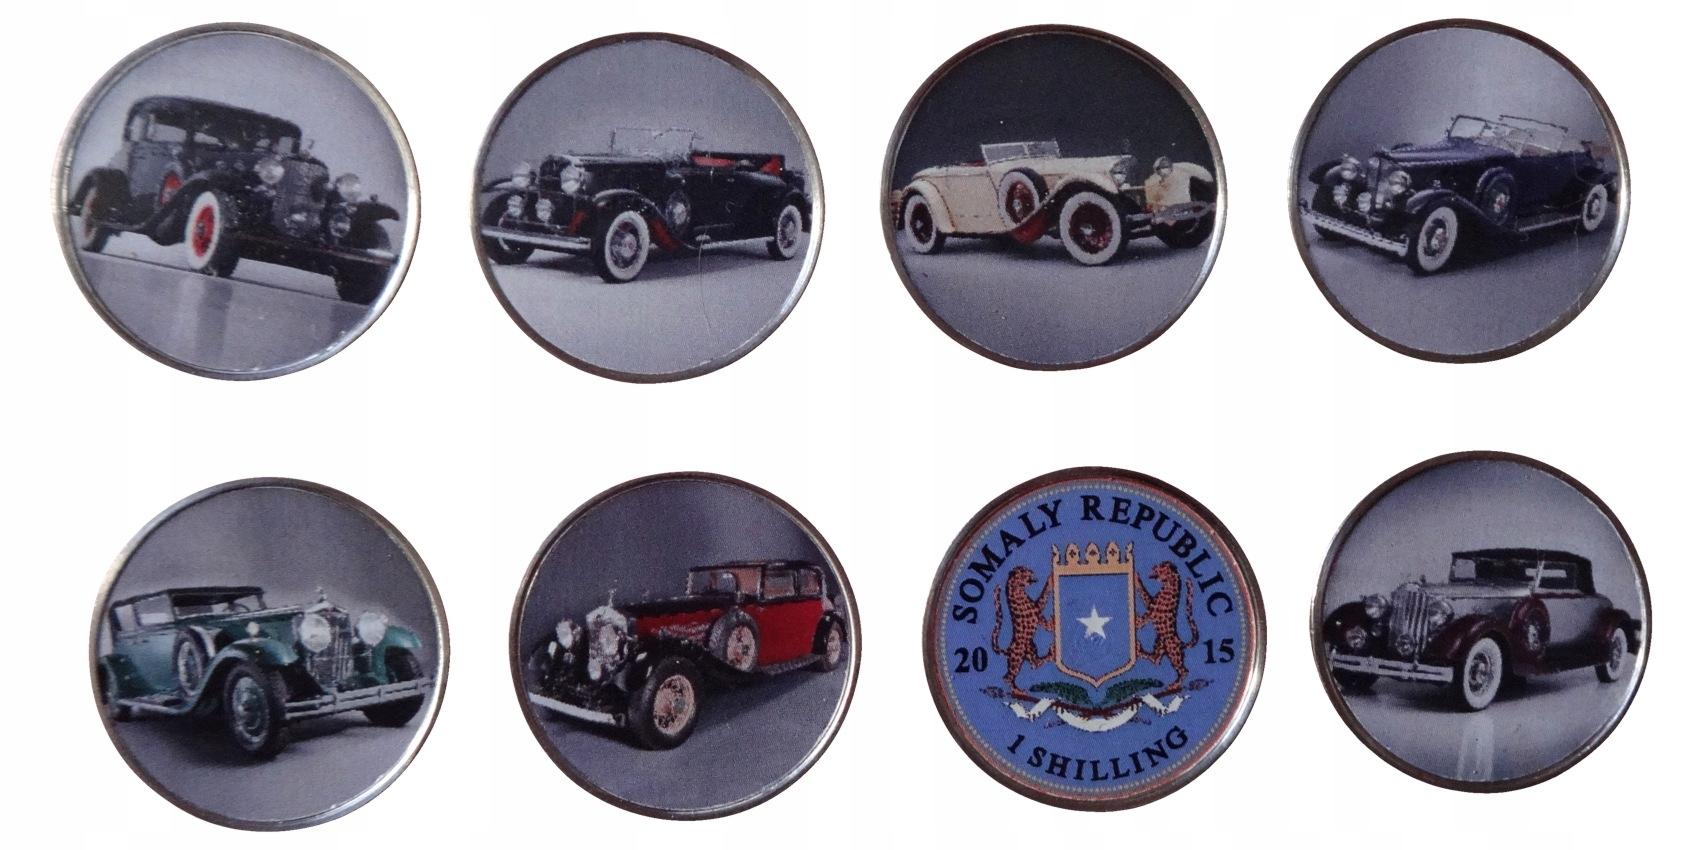 Somalia 1 szyling x 7 Stare samochody 2015